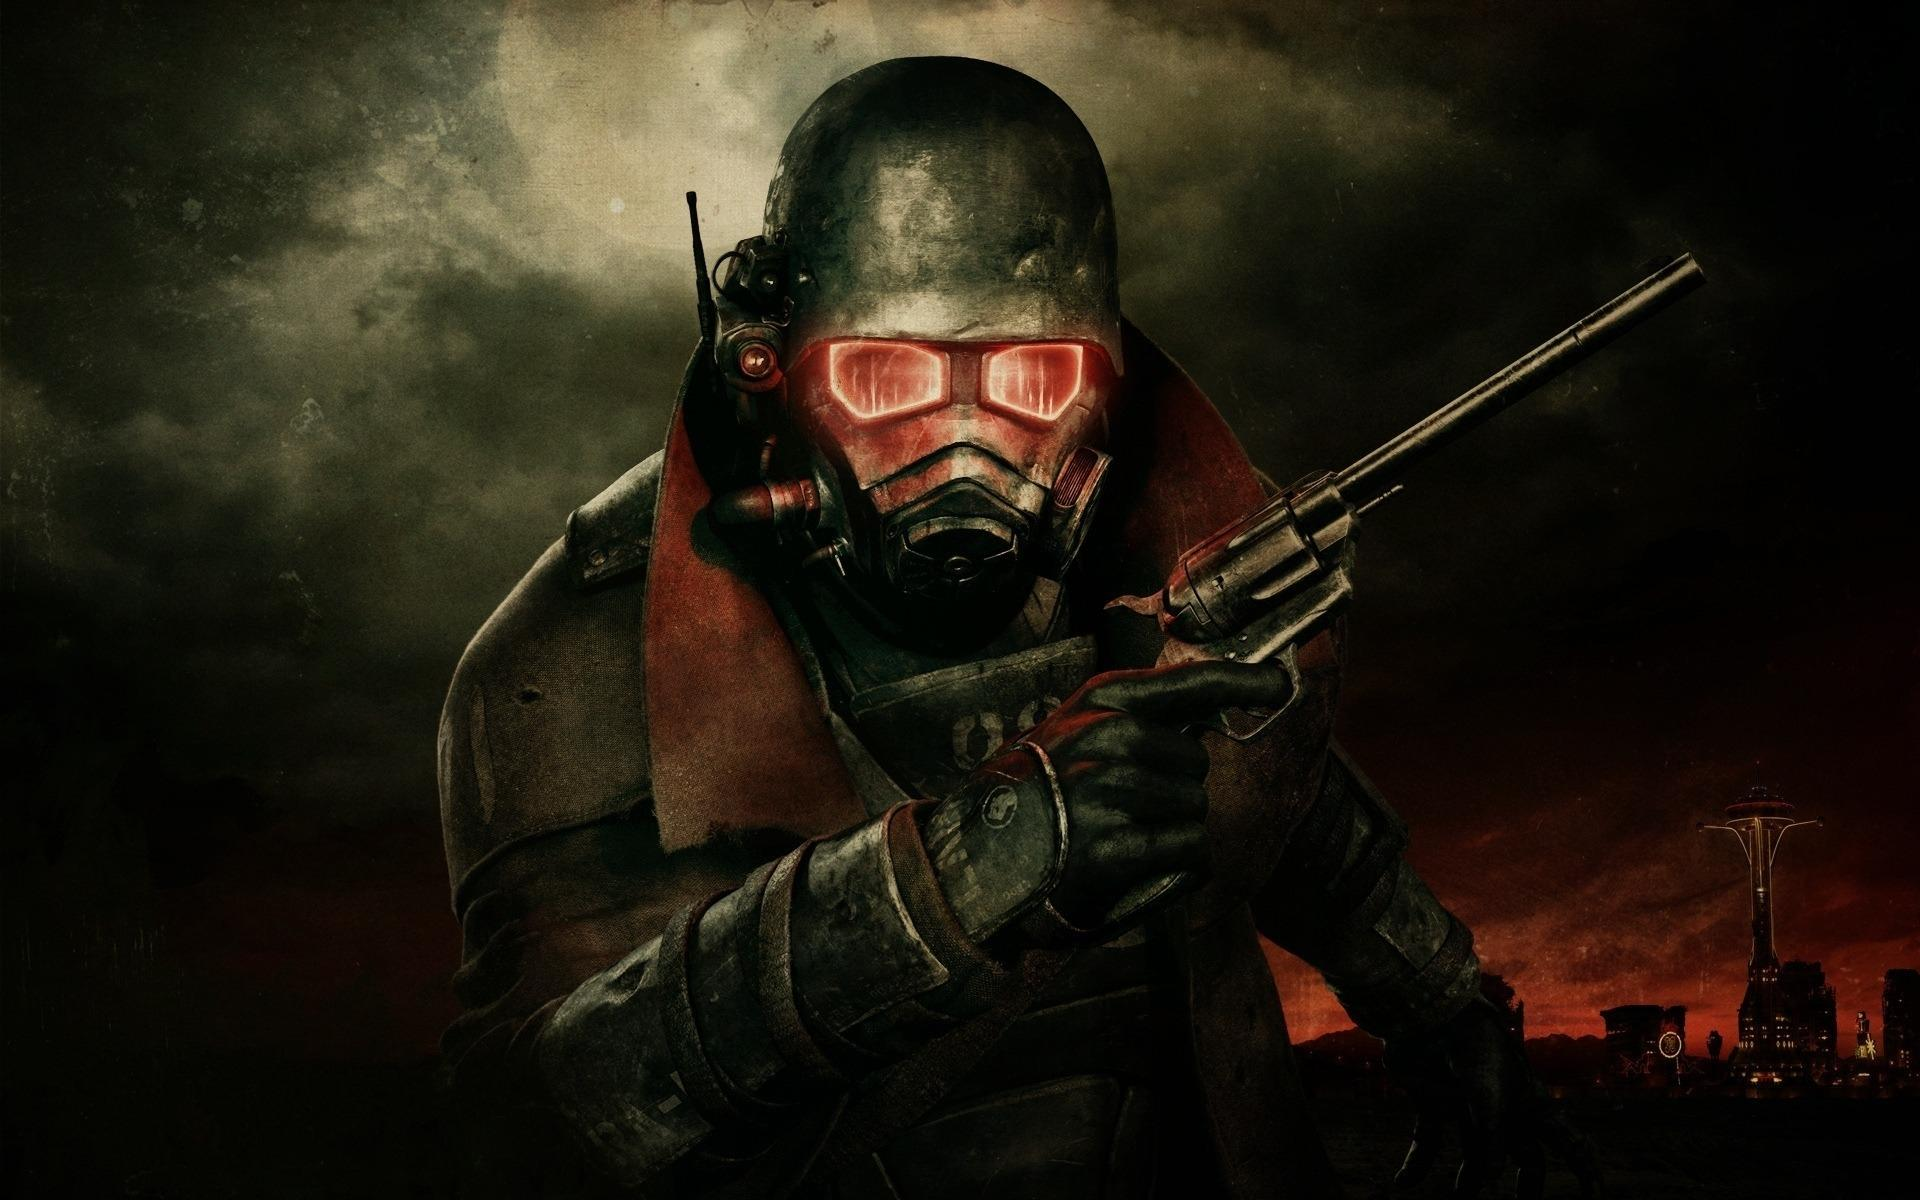 Fallout 3 new vegas скачать торрент русская версия - a0af